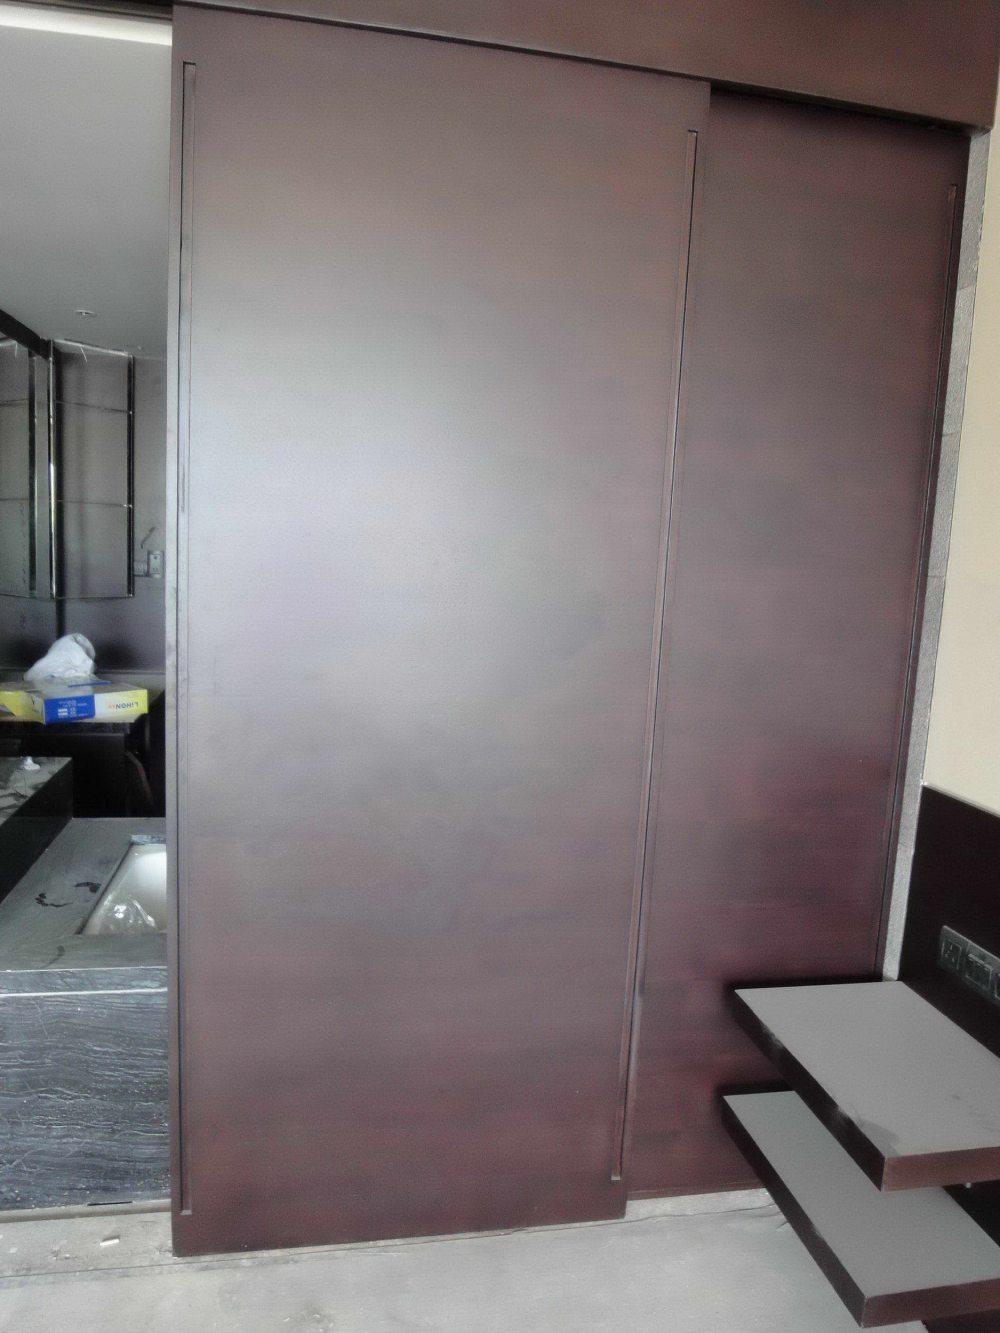 云南丽江铂尔曼渡假酒店(Lijiang Pullman Hotel)(CCD)(第8页更新)_DSC05241.jpg